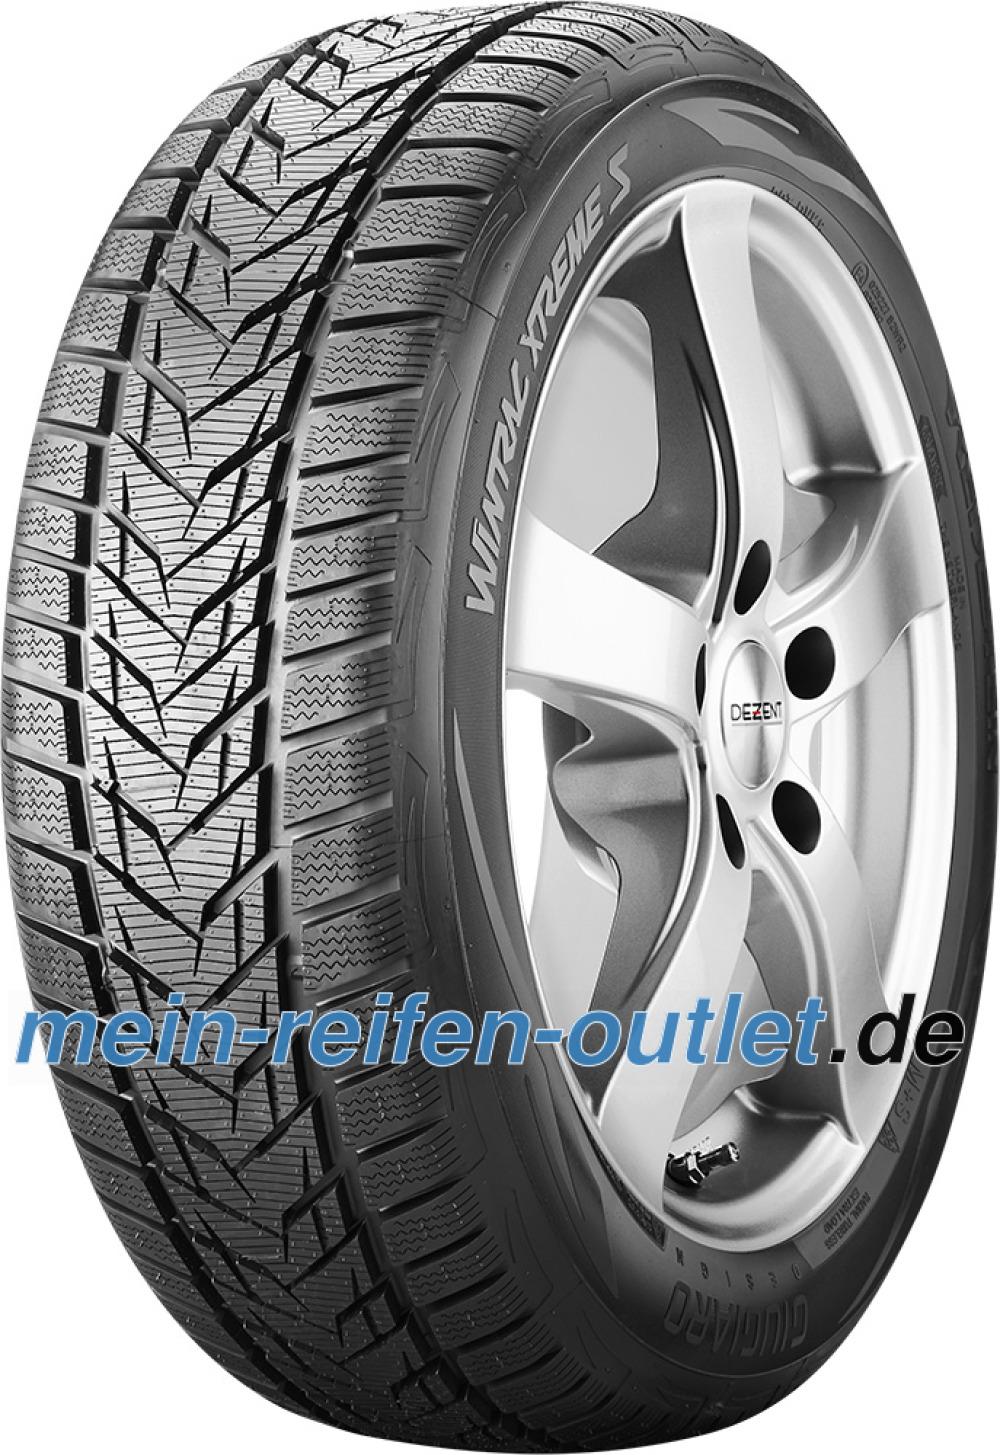 Vredestein Wintrac Xtreme S ( 225/55 R16 99H XL , mit Felgenschutzleiste (FSL) )